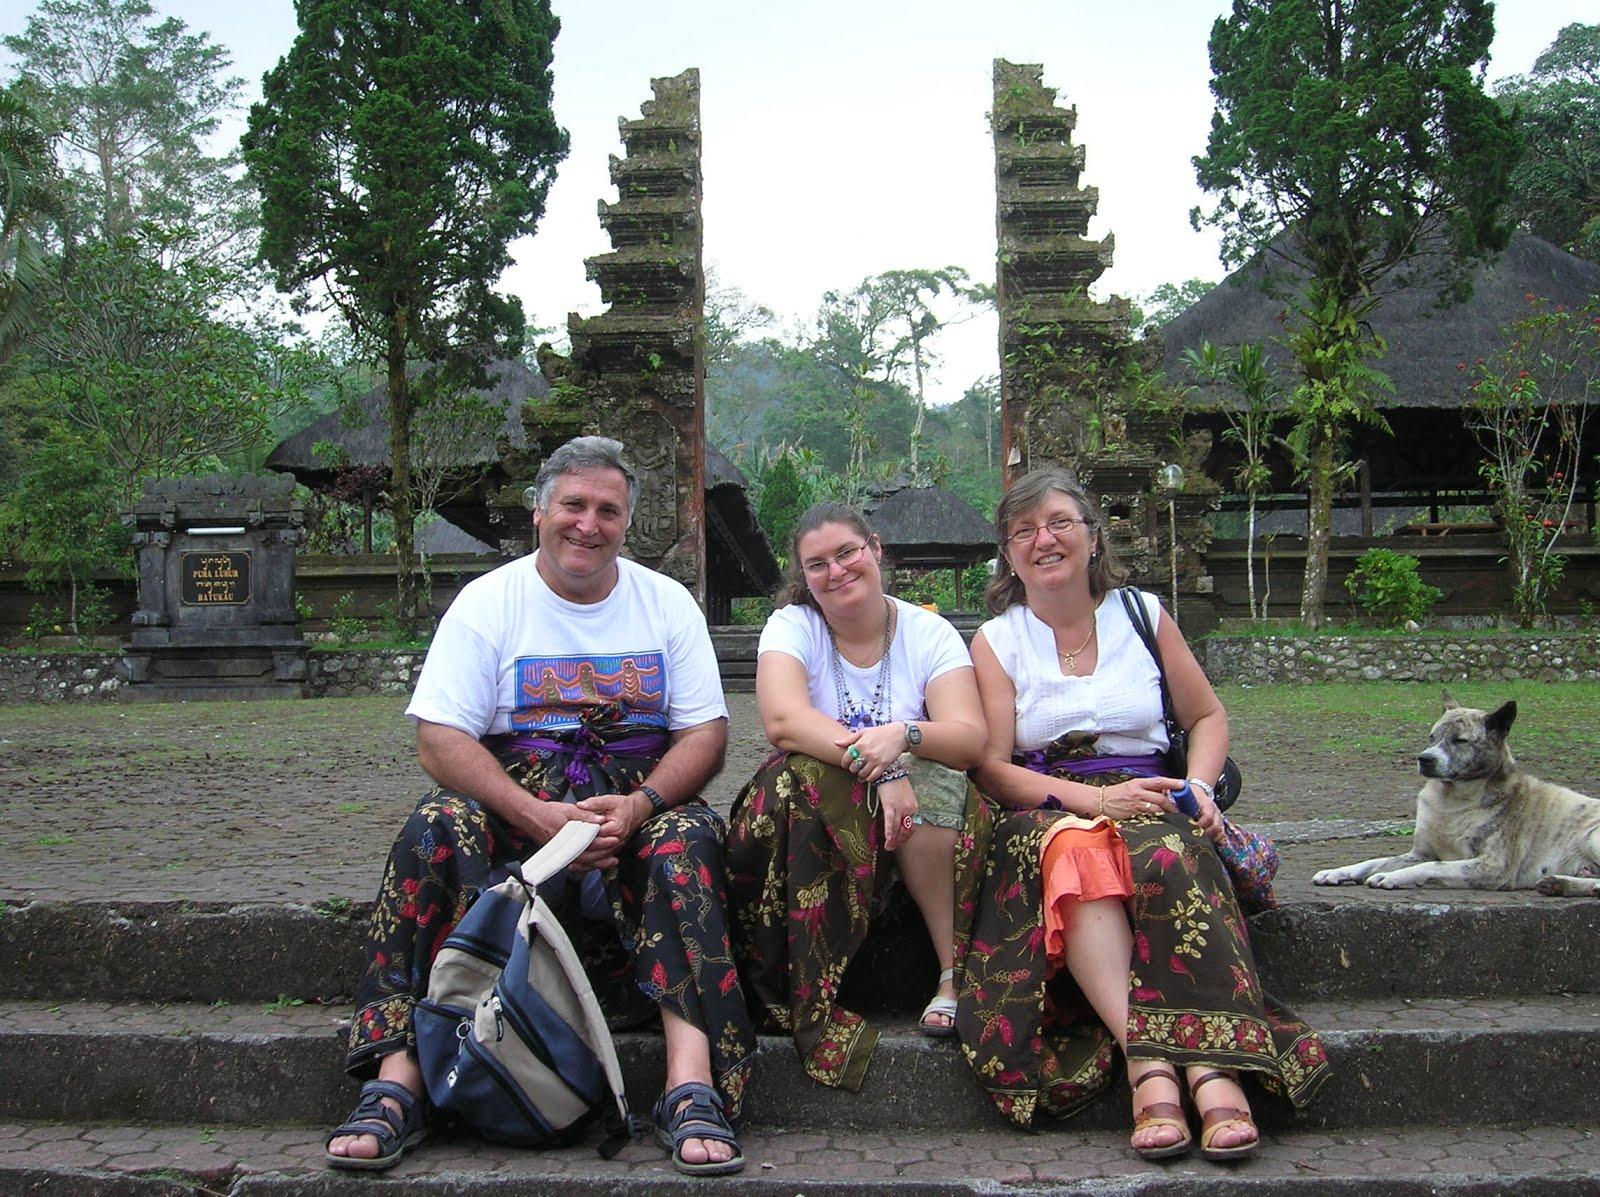 Templo de Batukaru, Bali, vuelta al mundo, round the world, La vuelta al mundo de Asun y Ricardo